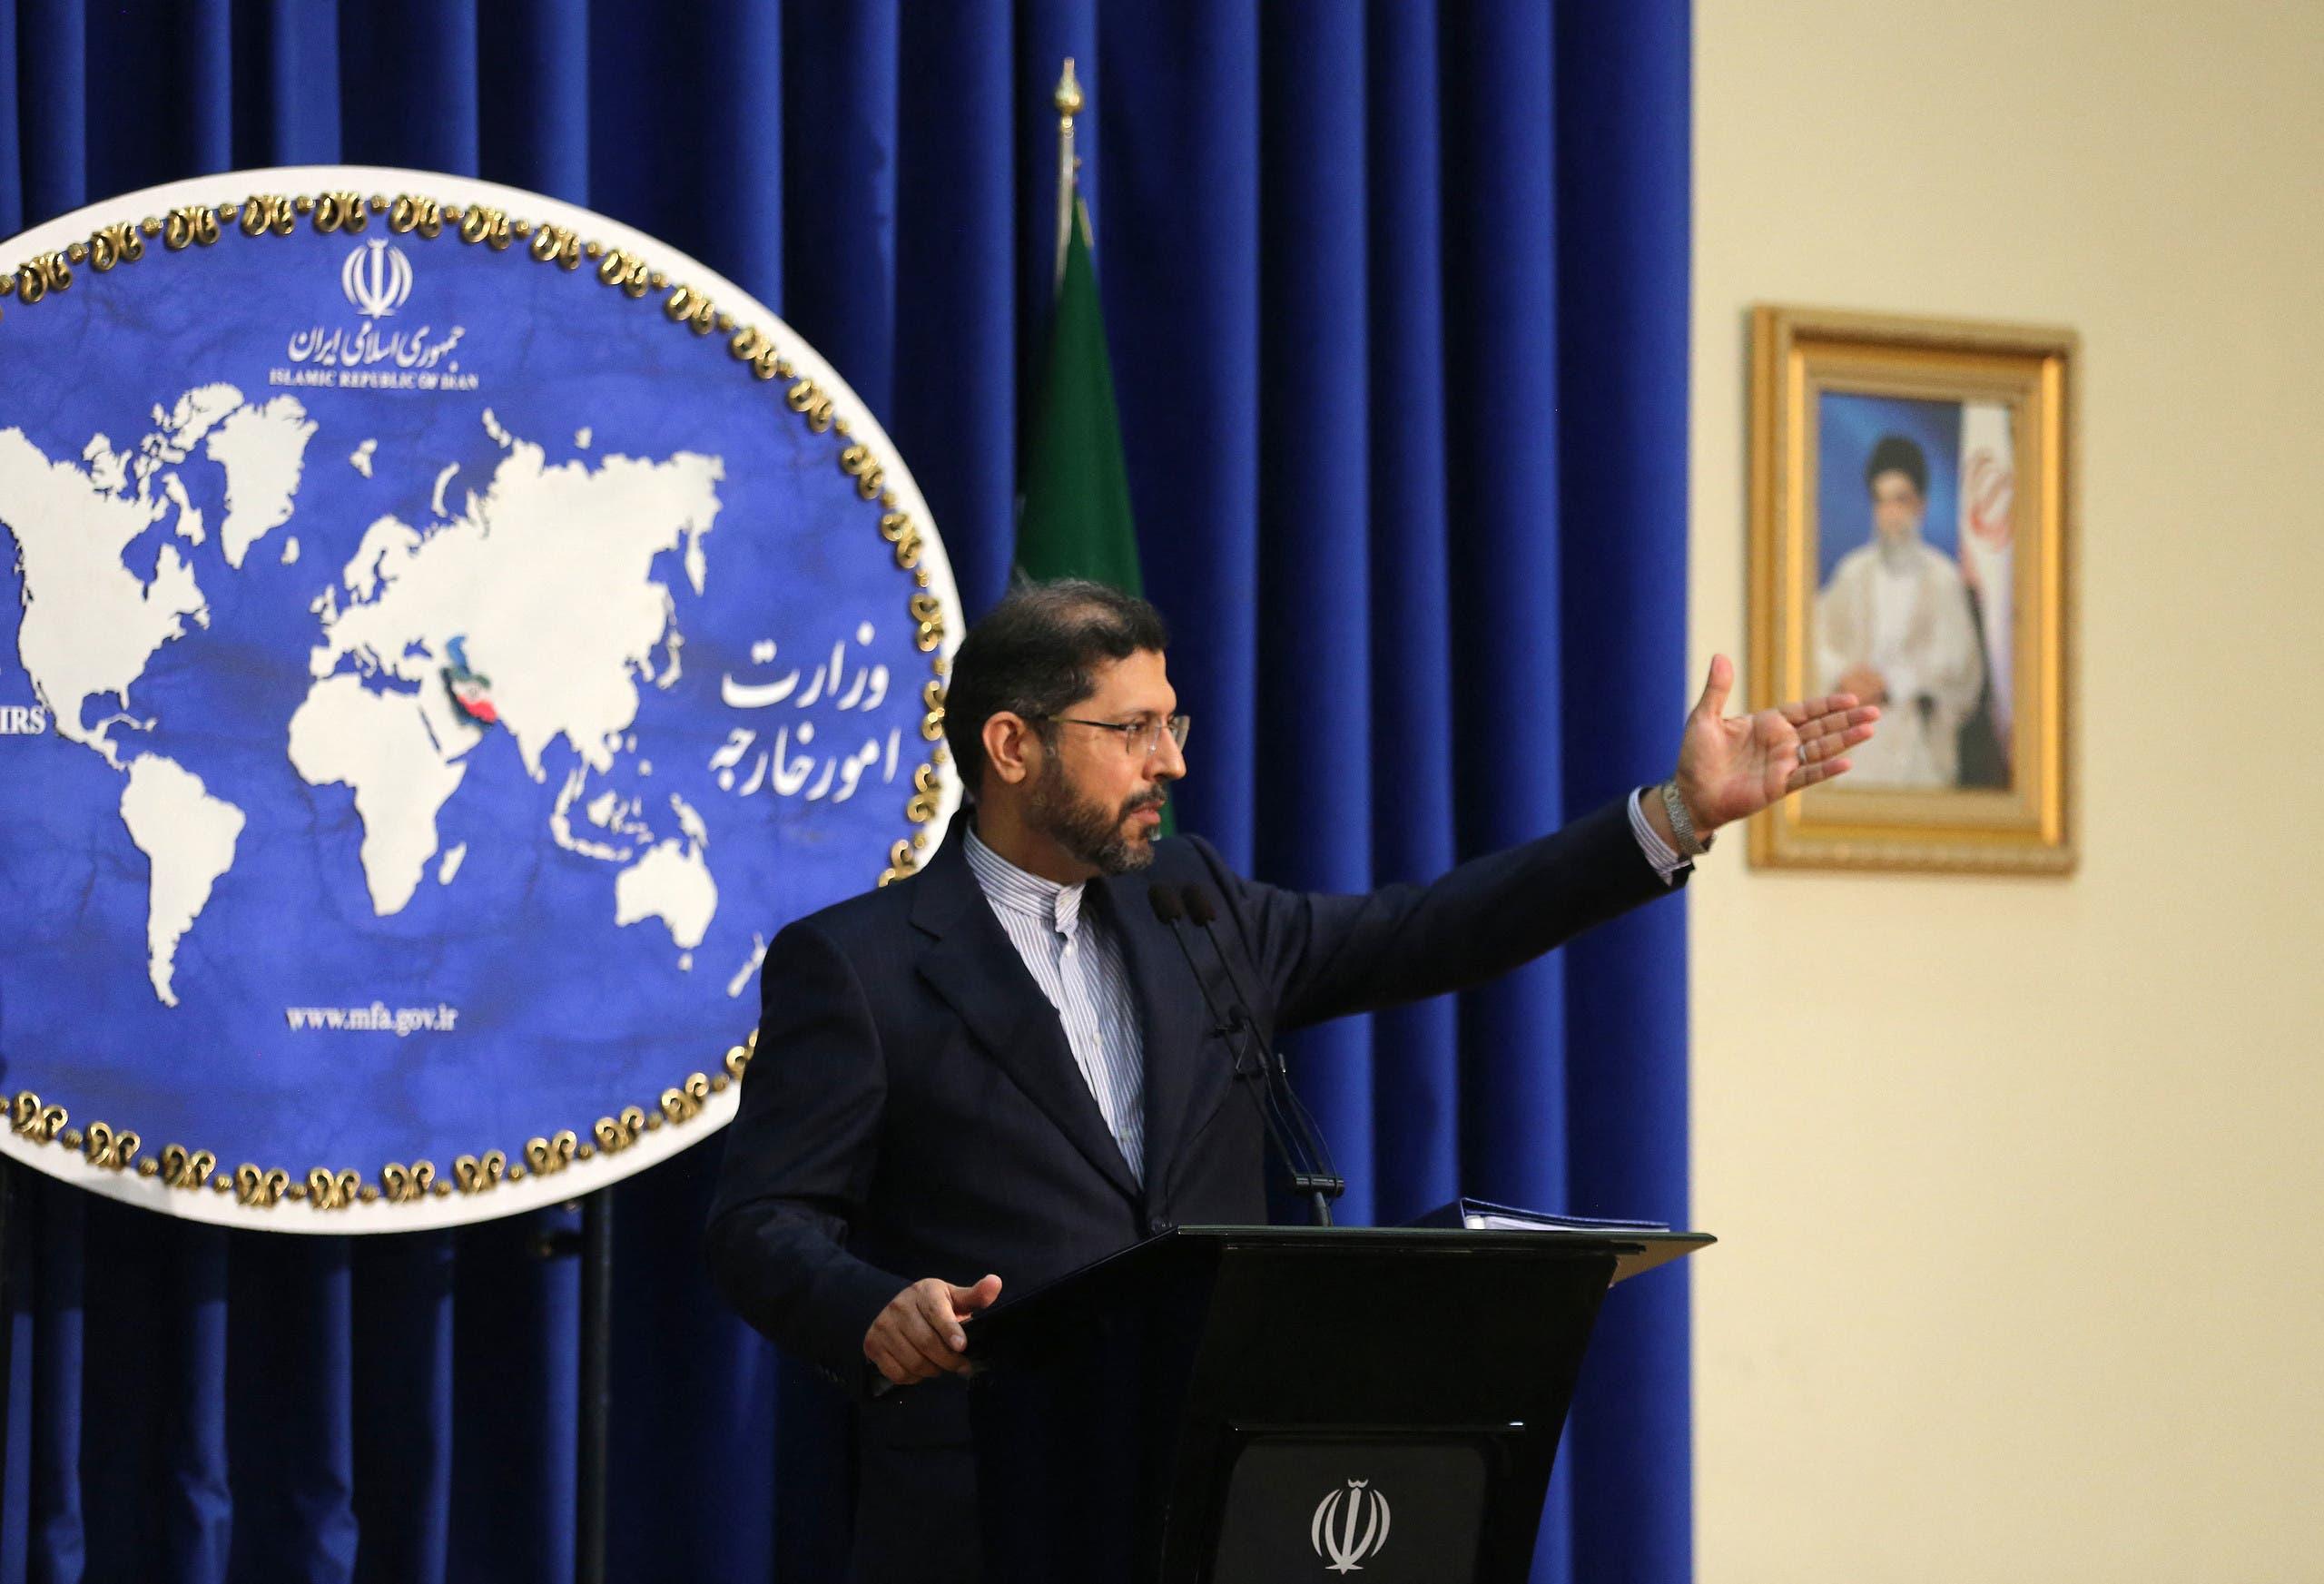 المتحدث باسم الخارجية الإيرانية سعيد خطيب زادة (أرشيفية- فرانس برس)